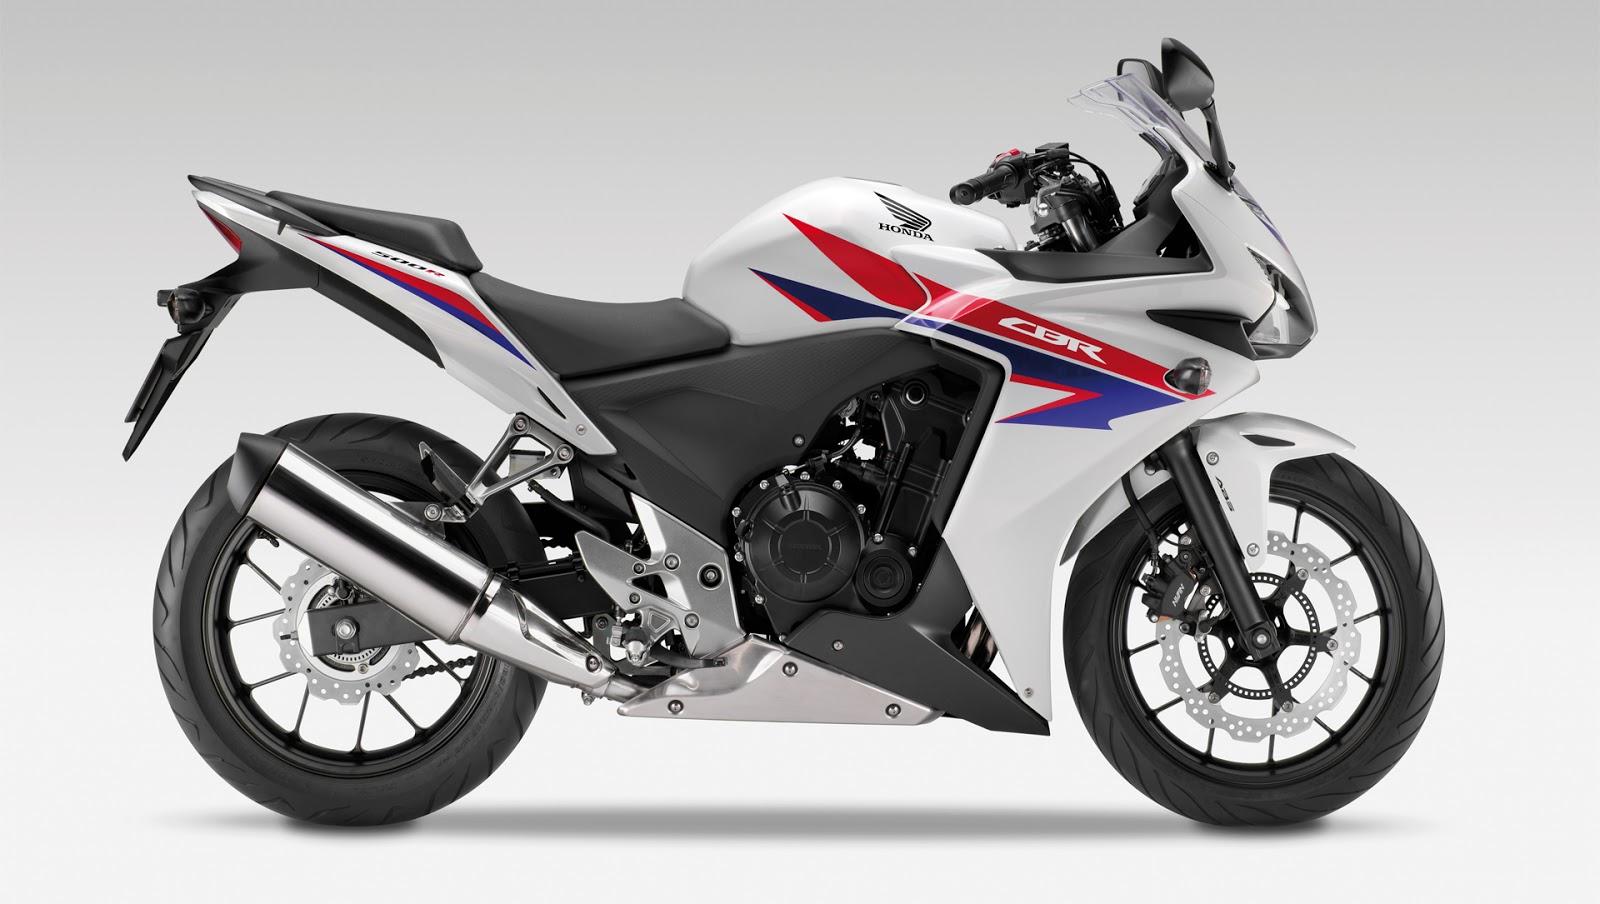 2013 Honda CBR 1000